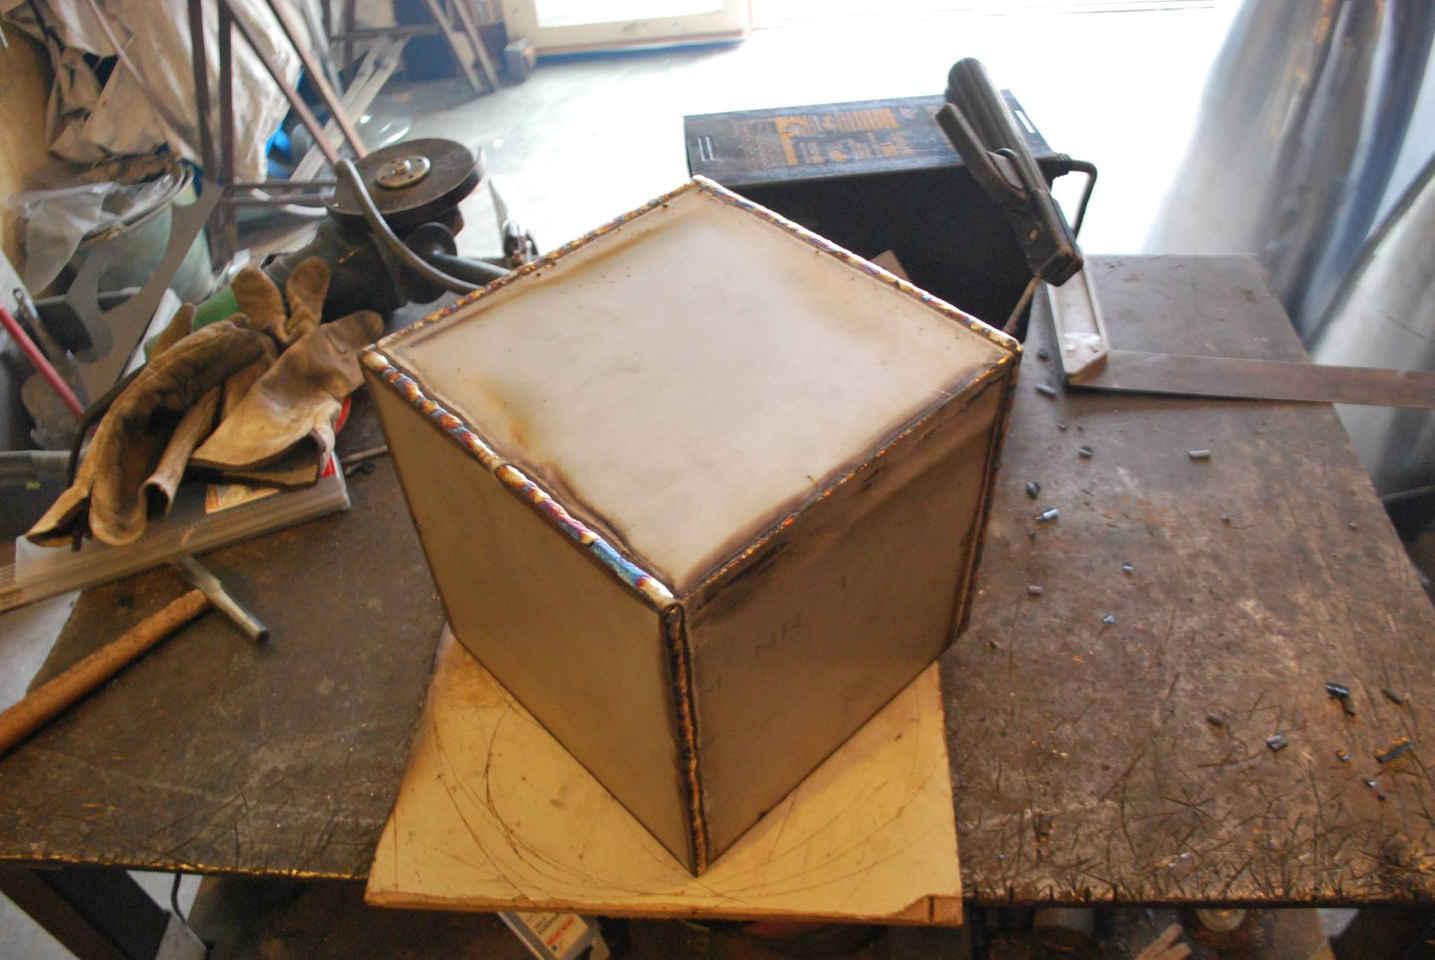 Felix-valdelievre-sculpture-atelier-00002